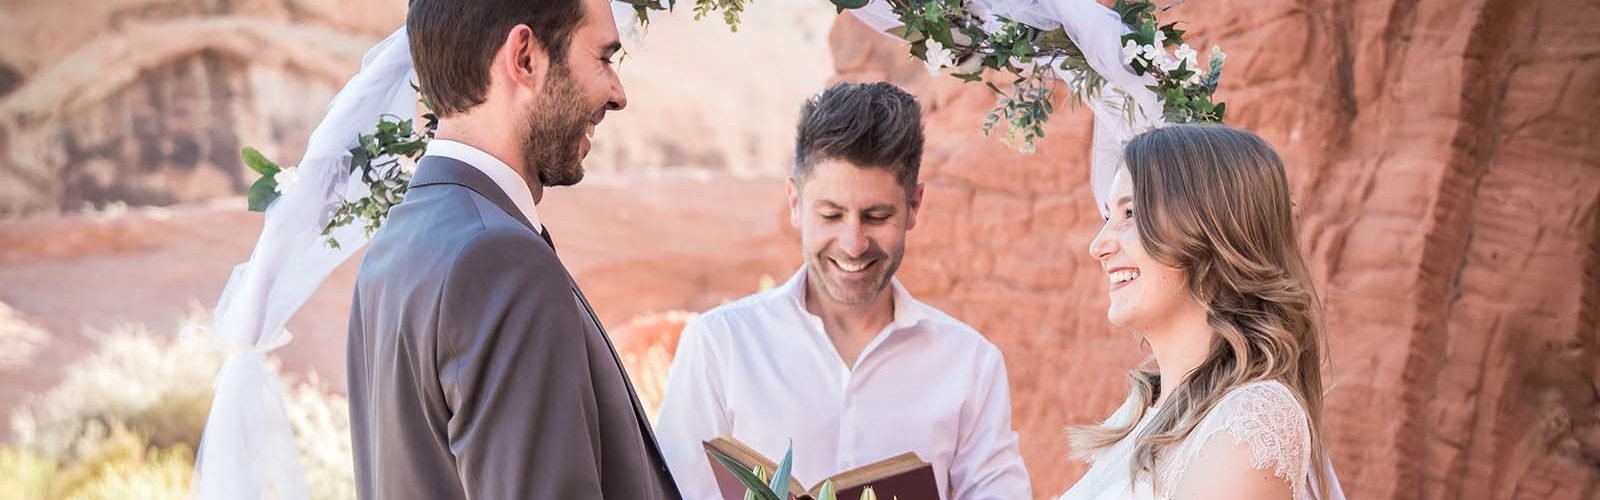 marier-las-vegas-mariage-new-une2